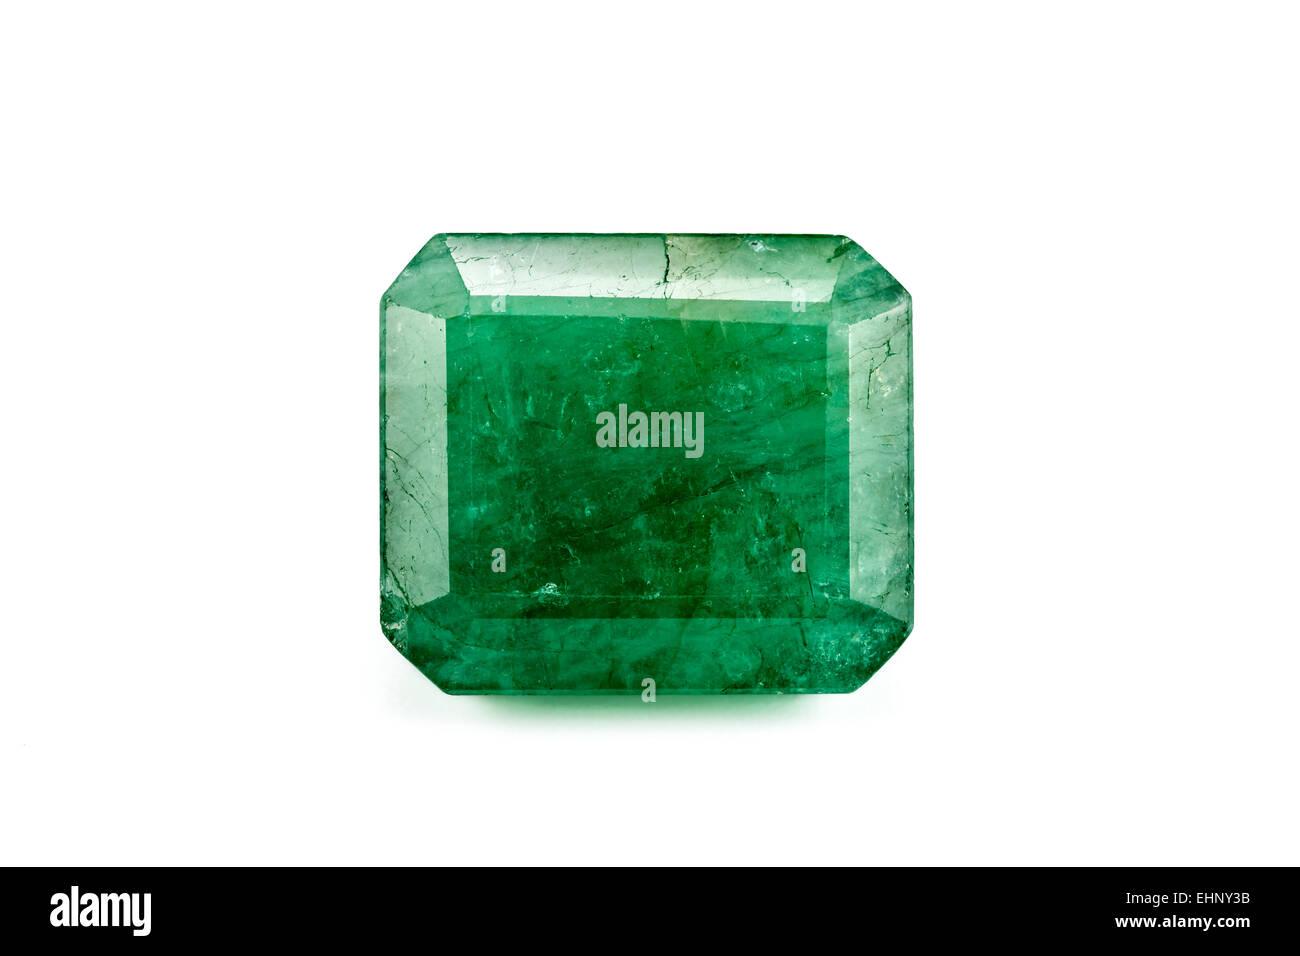 Emerald (Beryl) step-cut Weight: 35 carats Crystal structure: hexagonal Composition: Beryllium aluminium silicate - Stock Image